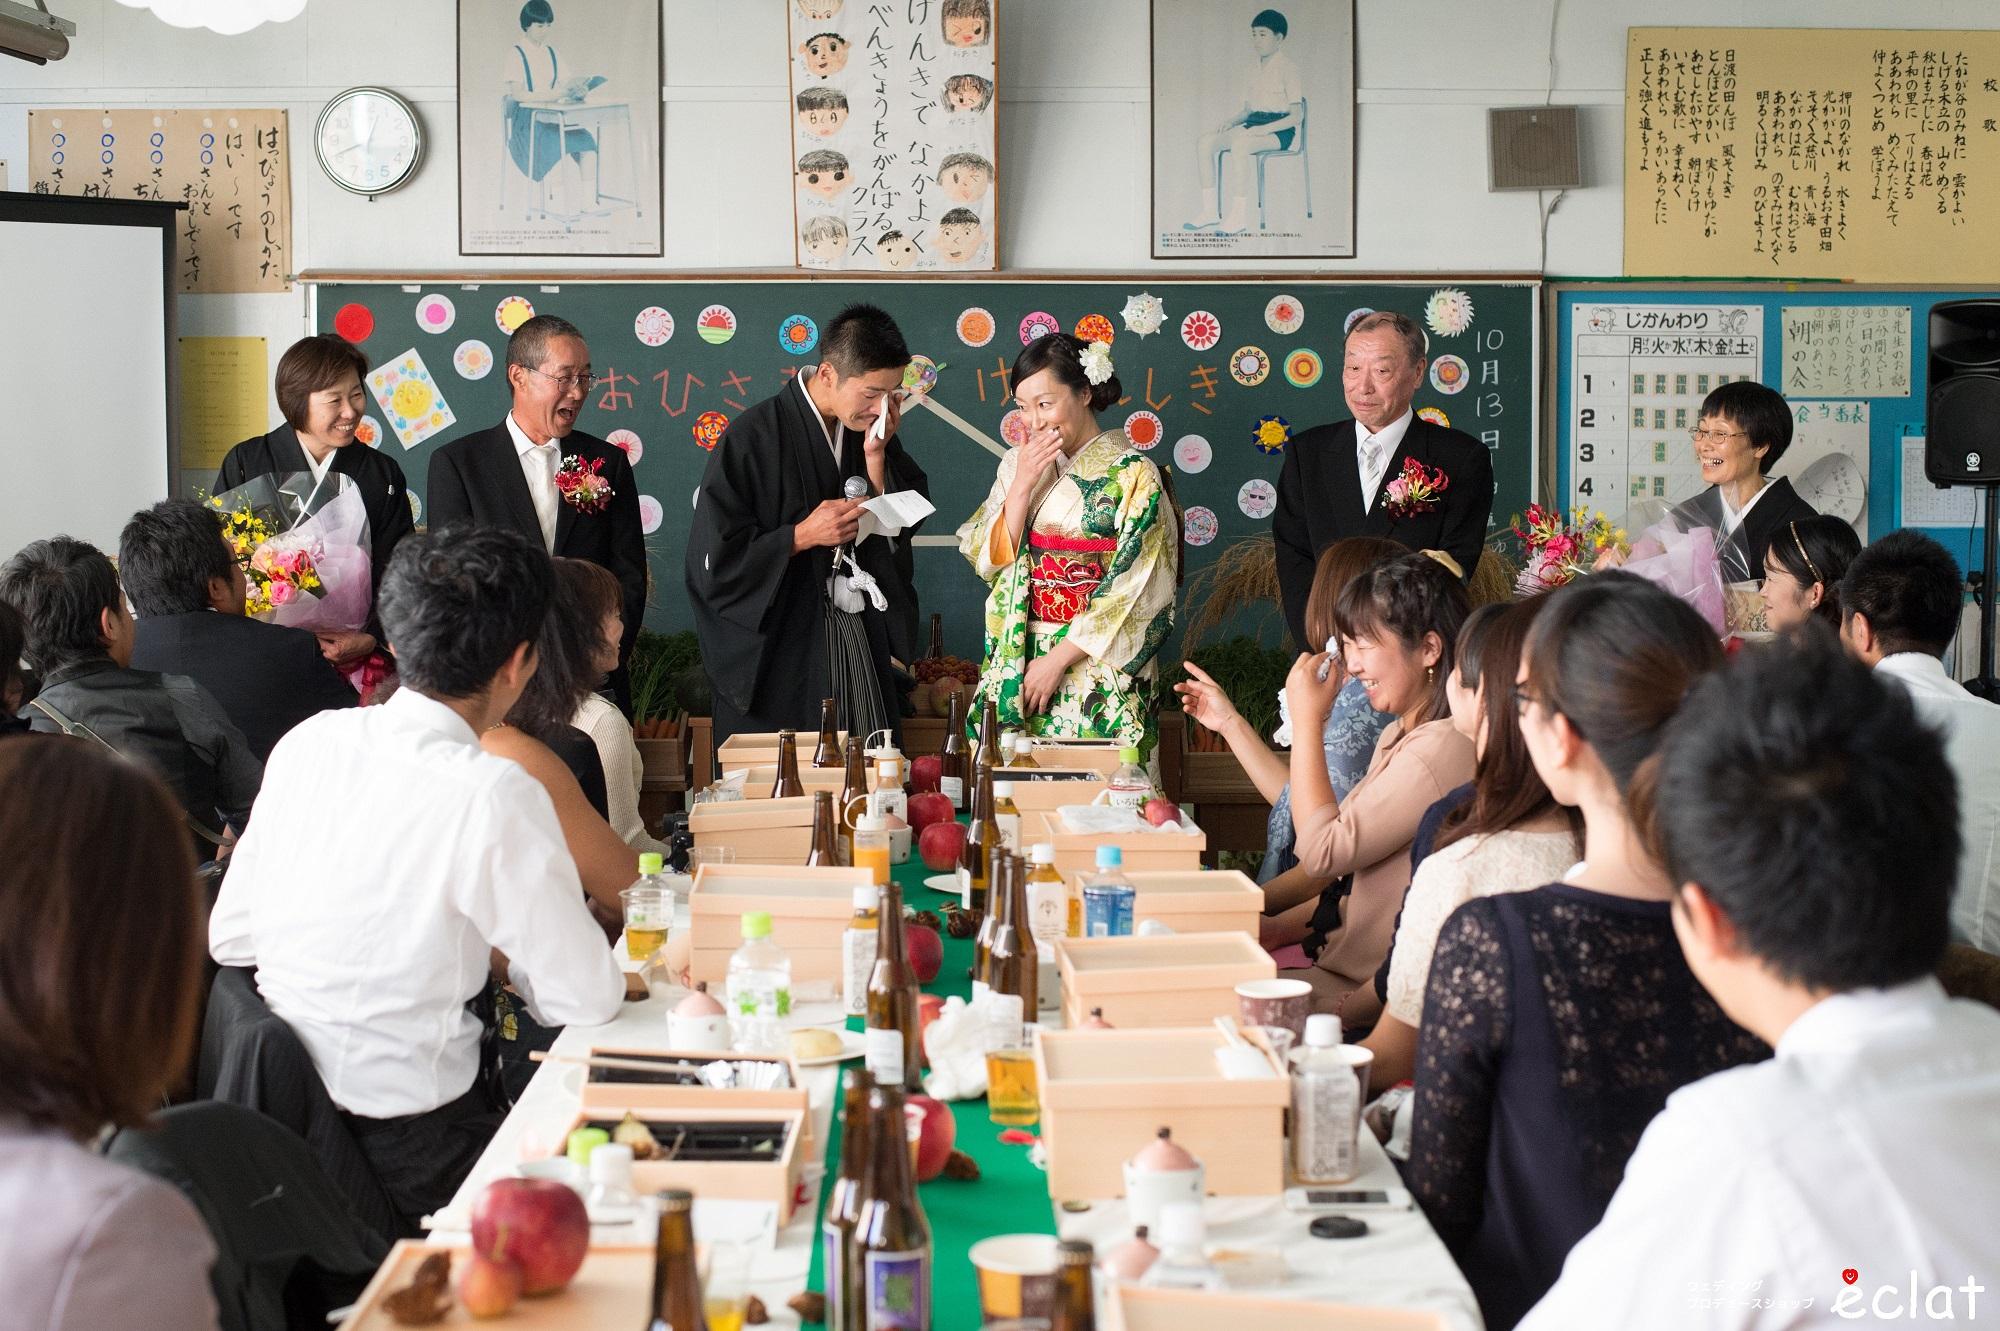 水戸結婚式 茨城結婚式 家族 ファミリー ウェディングプロデュースショップ エクラ eclat